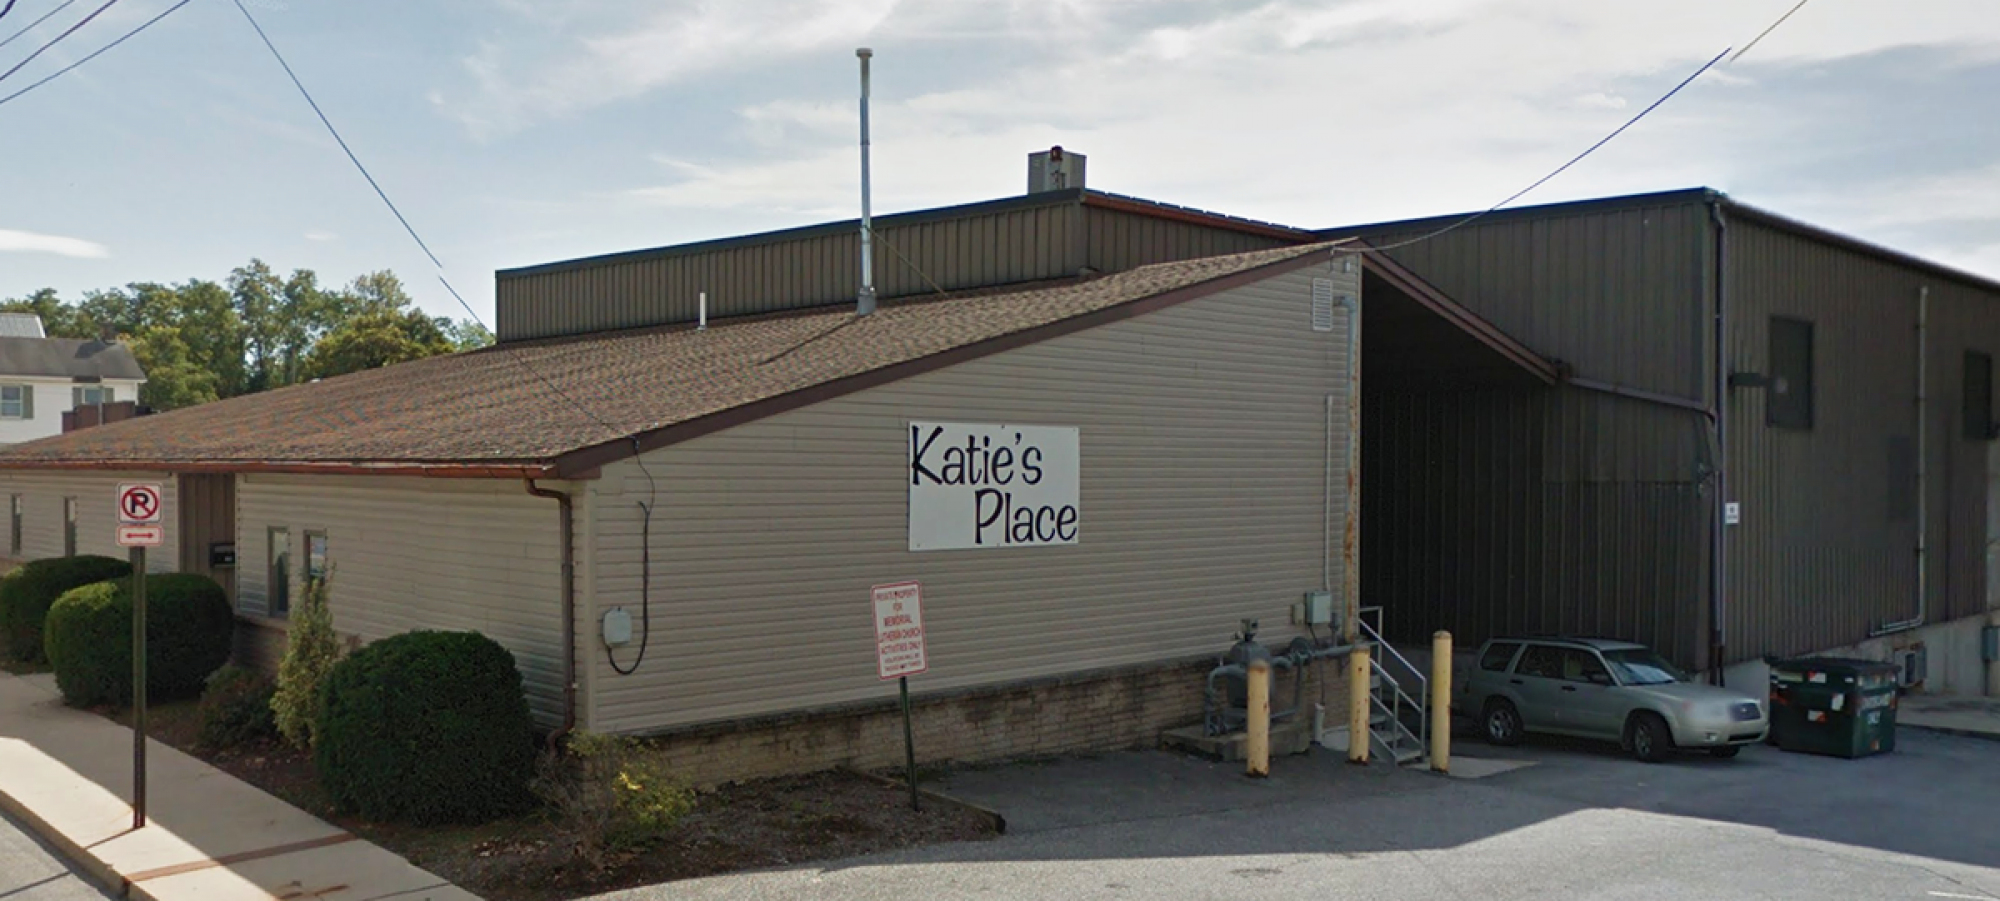 Katie's Place